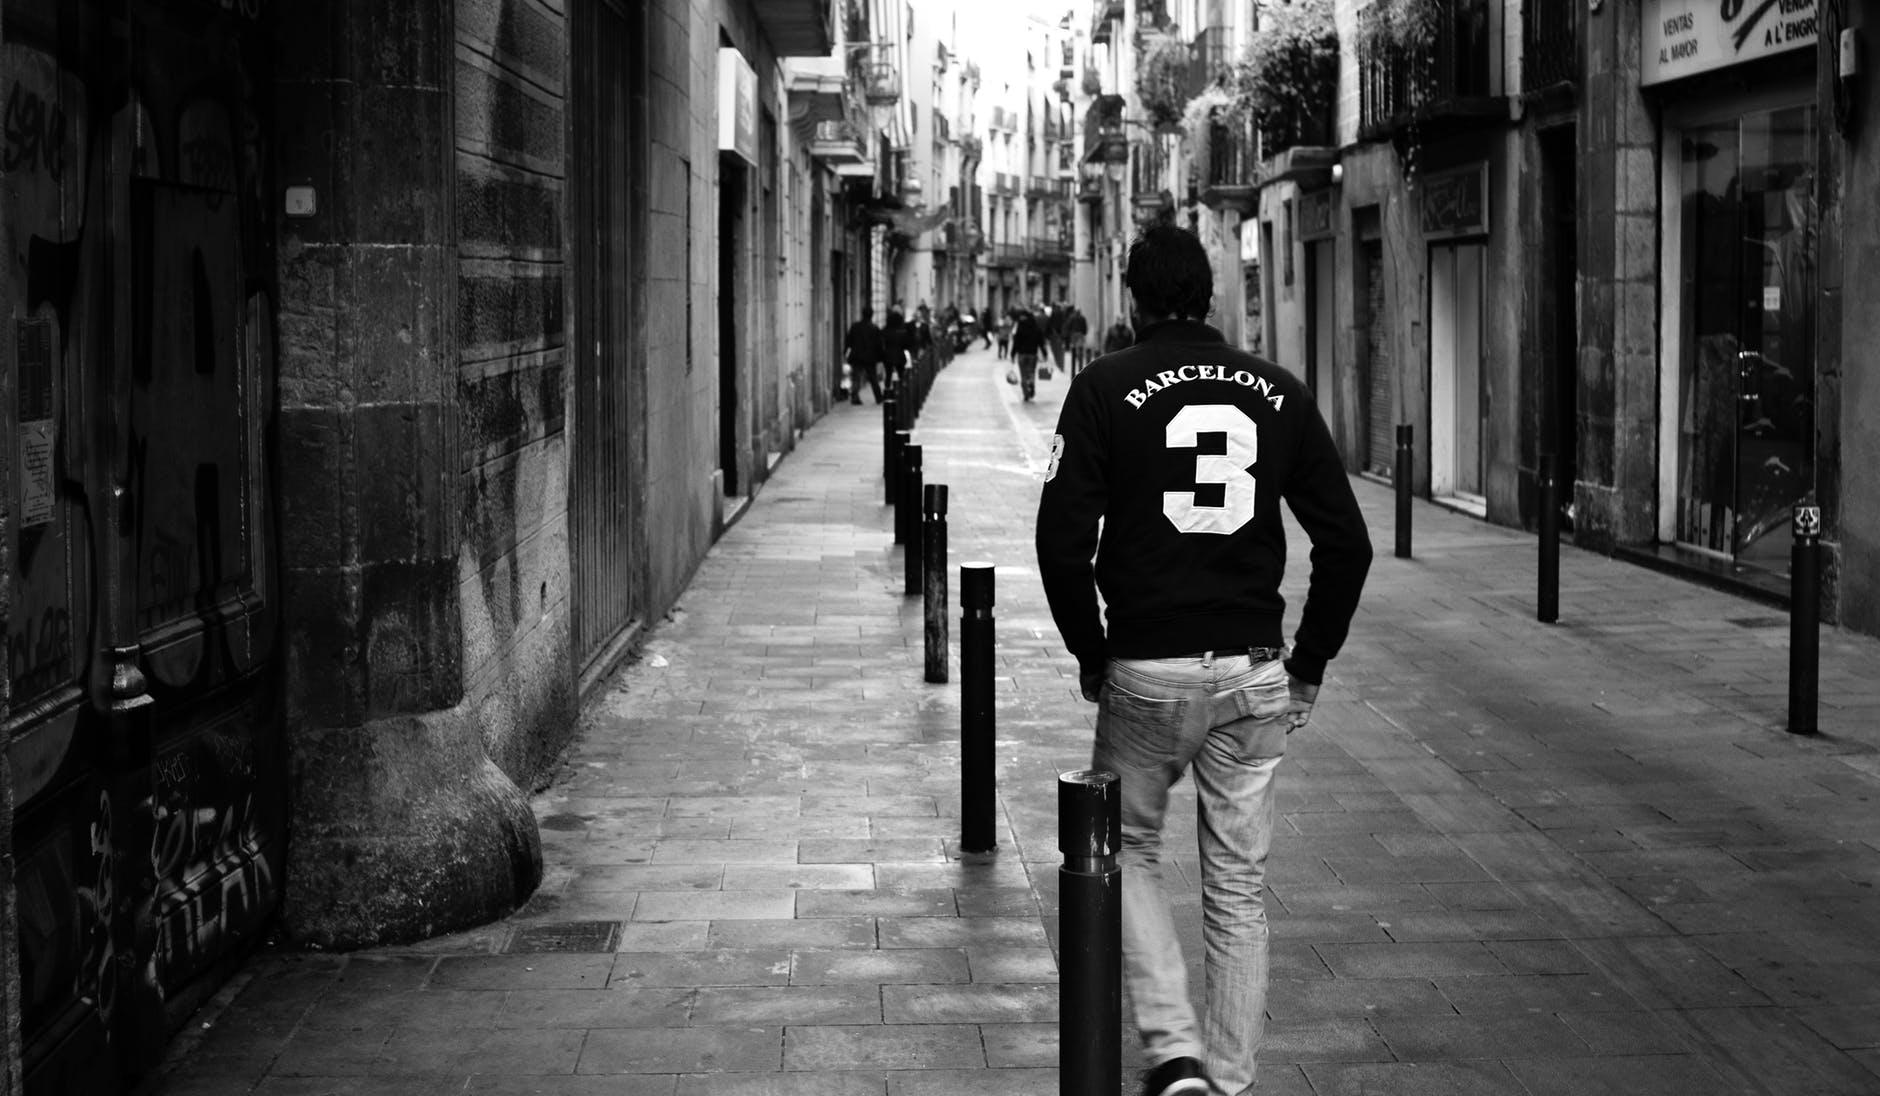 mand udforsker smalle gader